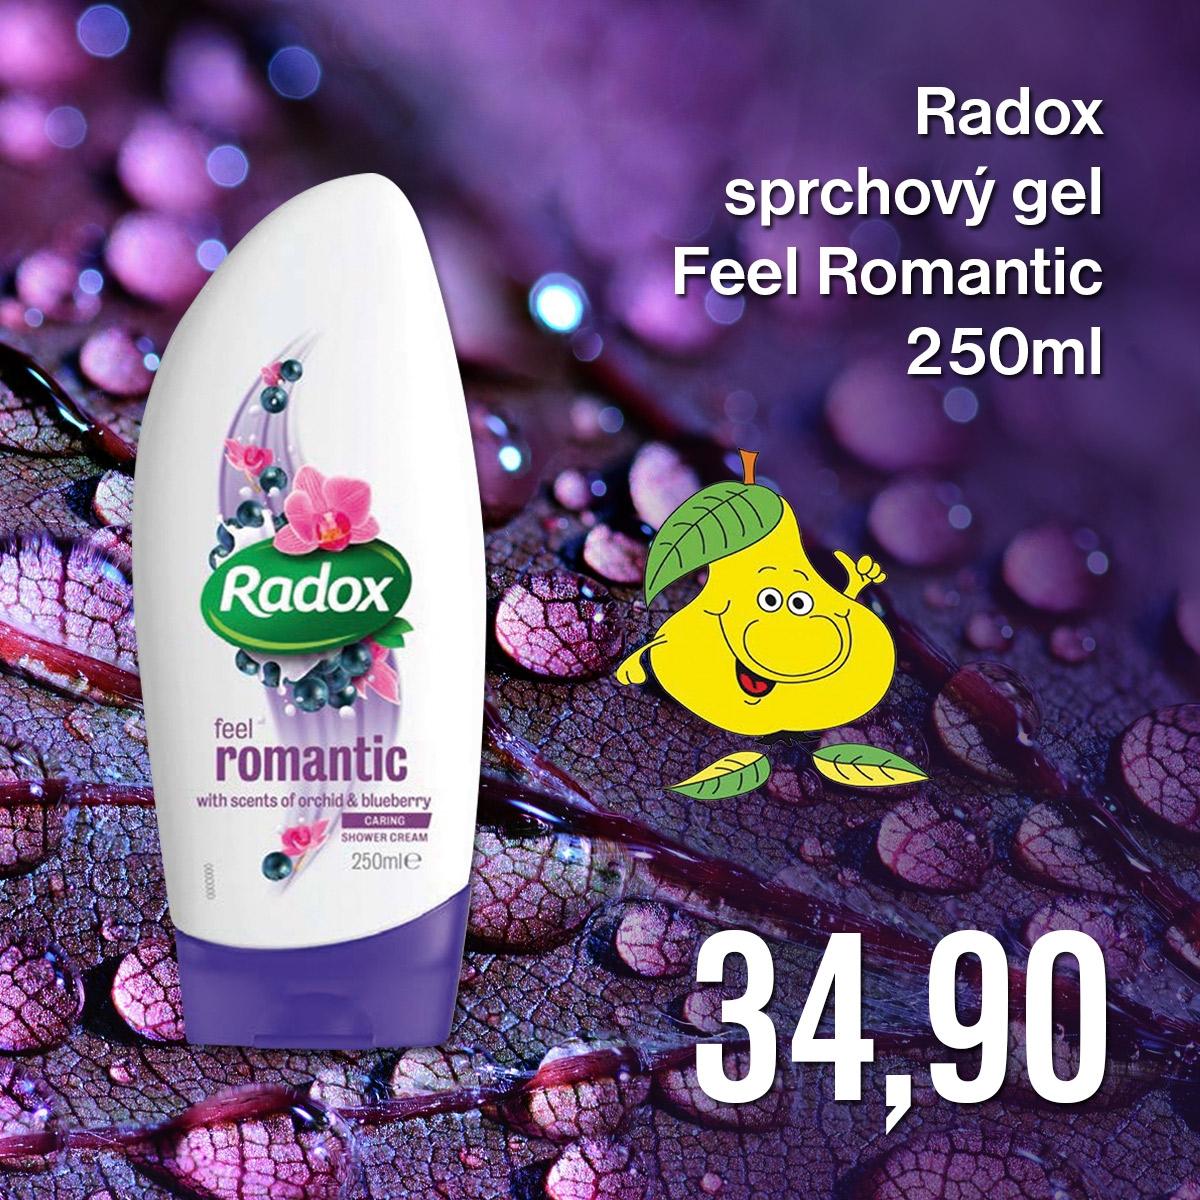 Radox sprchový gel Feel Romantic 250 ml